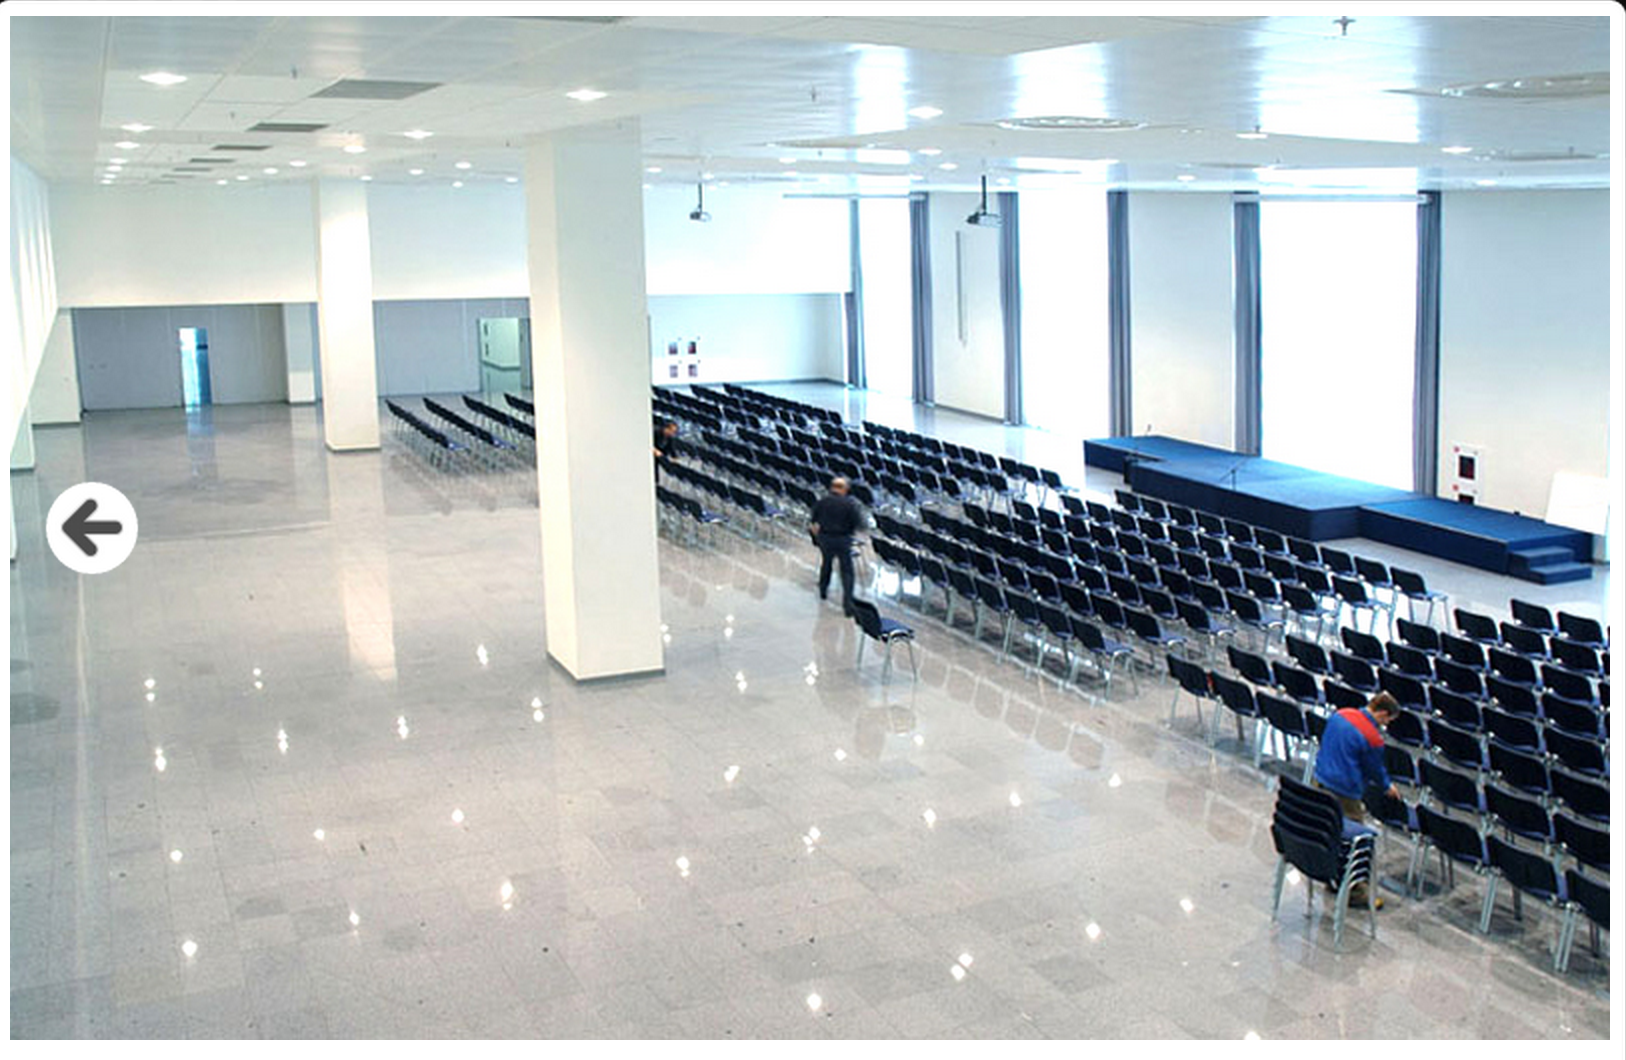 Конференция Продажа физических товаров через интернет - 2015 - послевкусие. | [Infoclub.PRO]